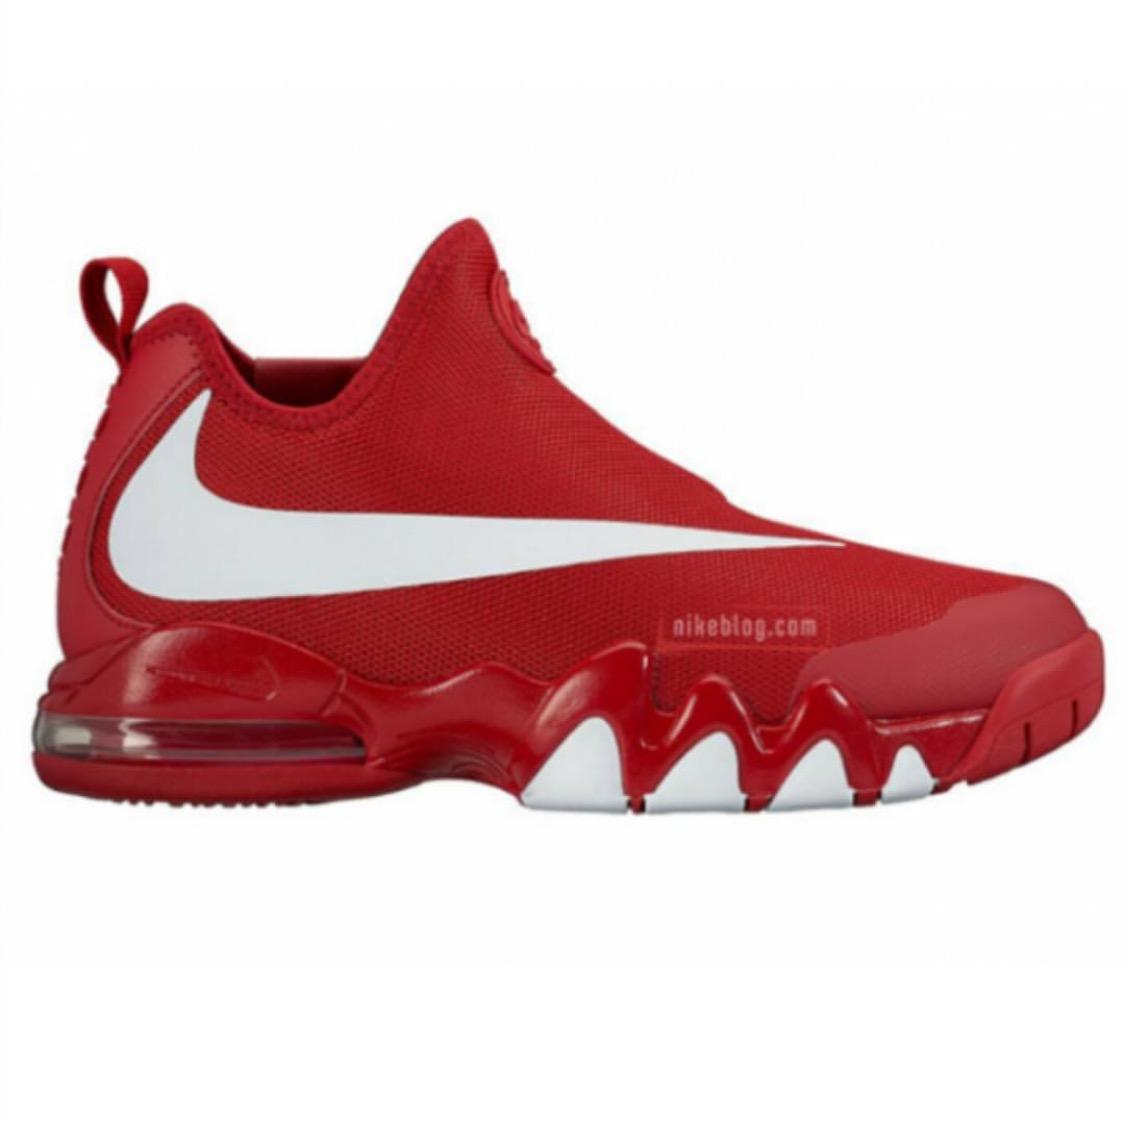 1125x1125 Sneakerwhorez